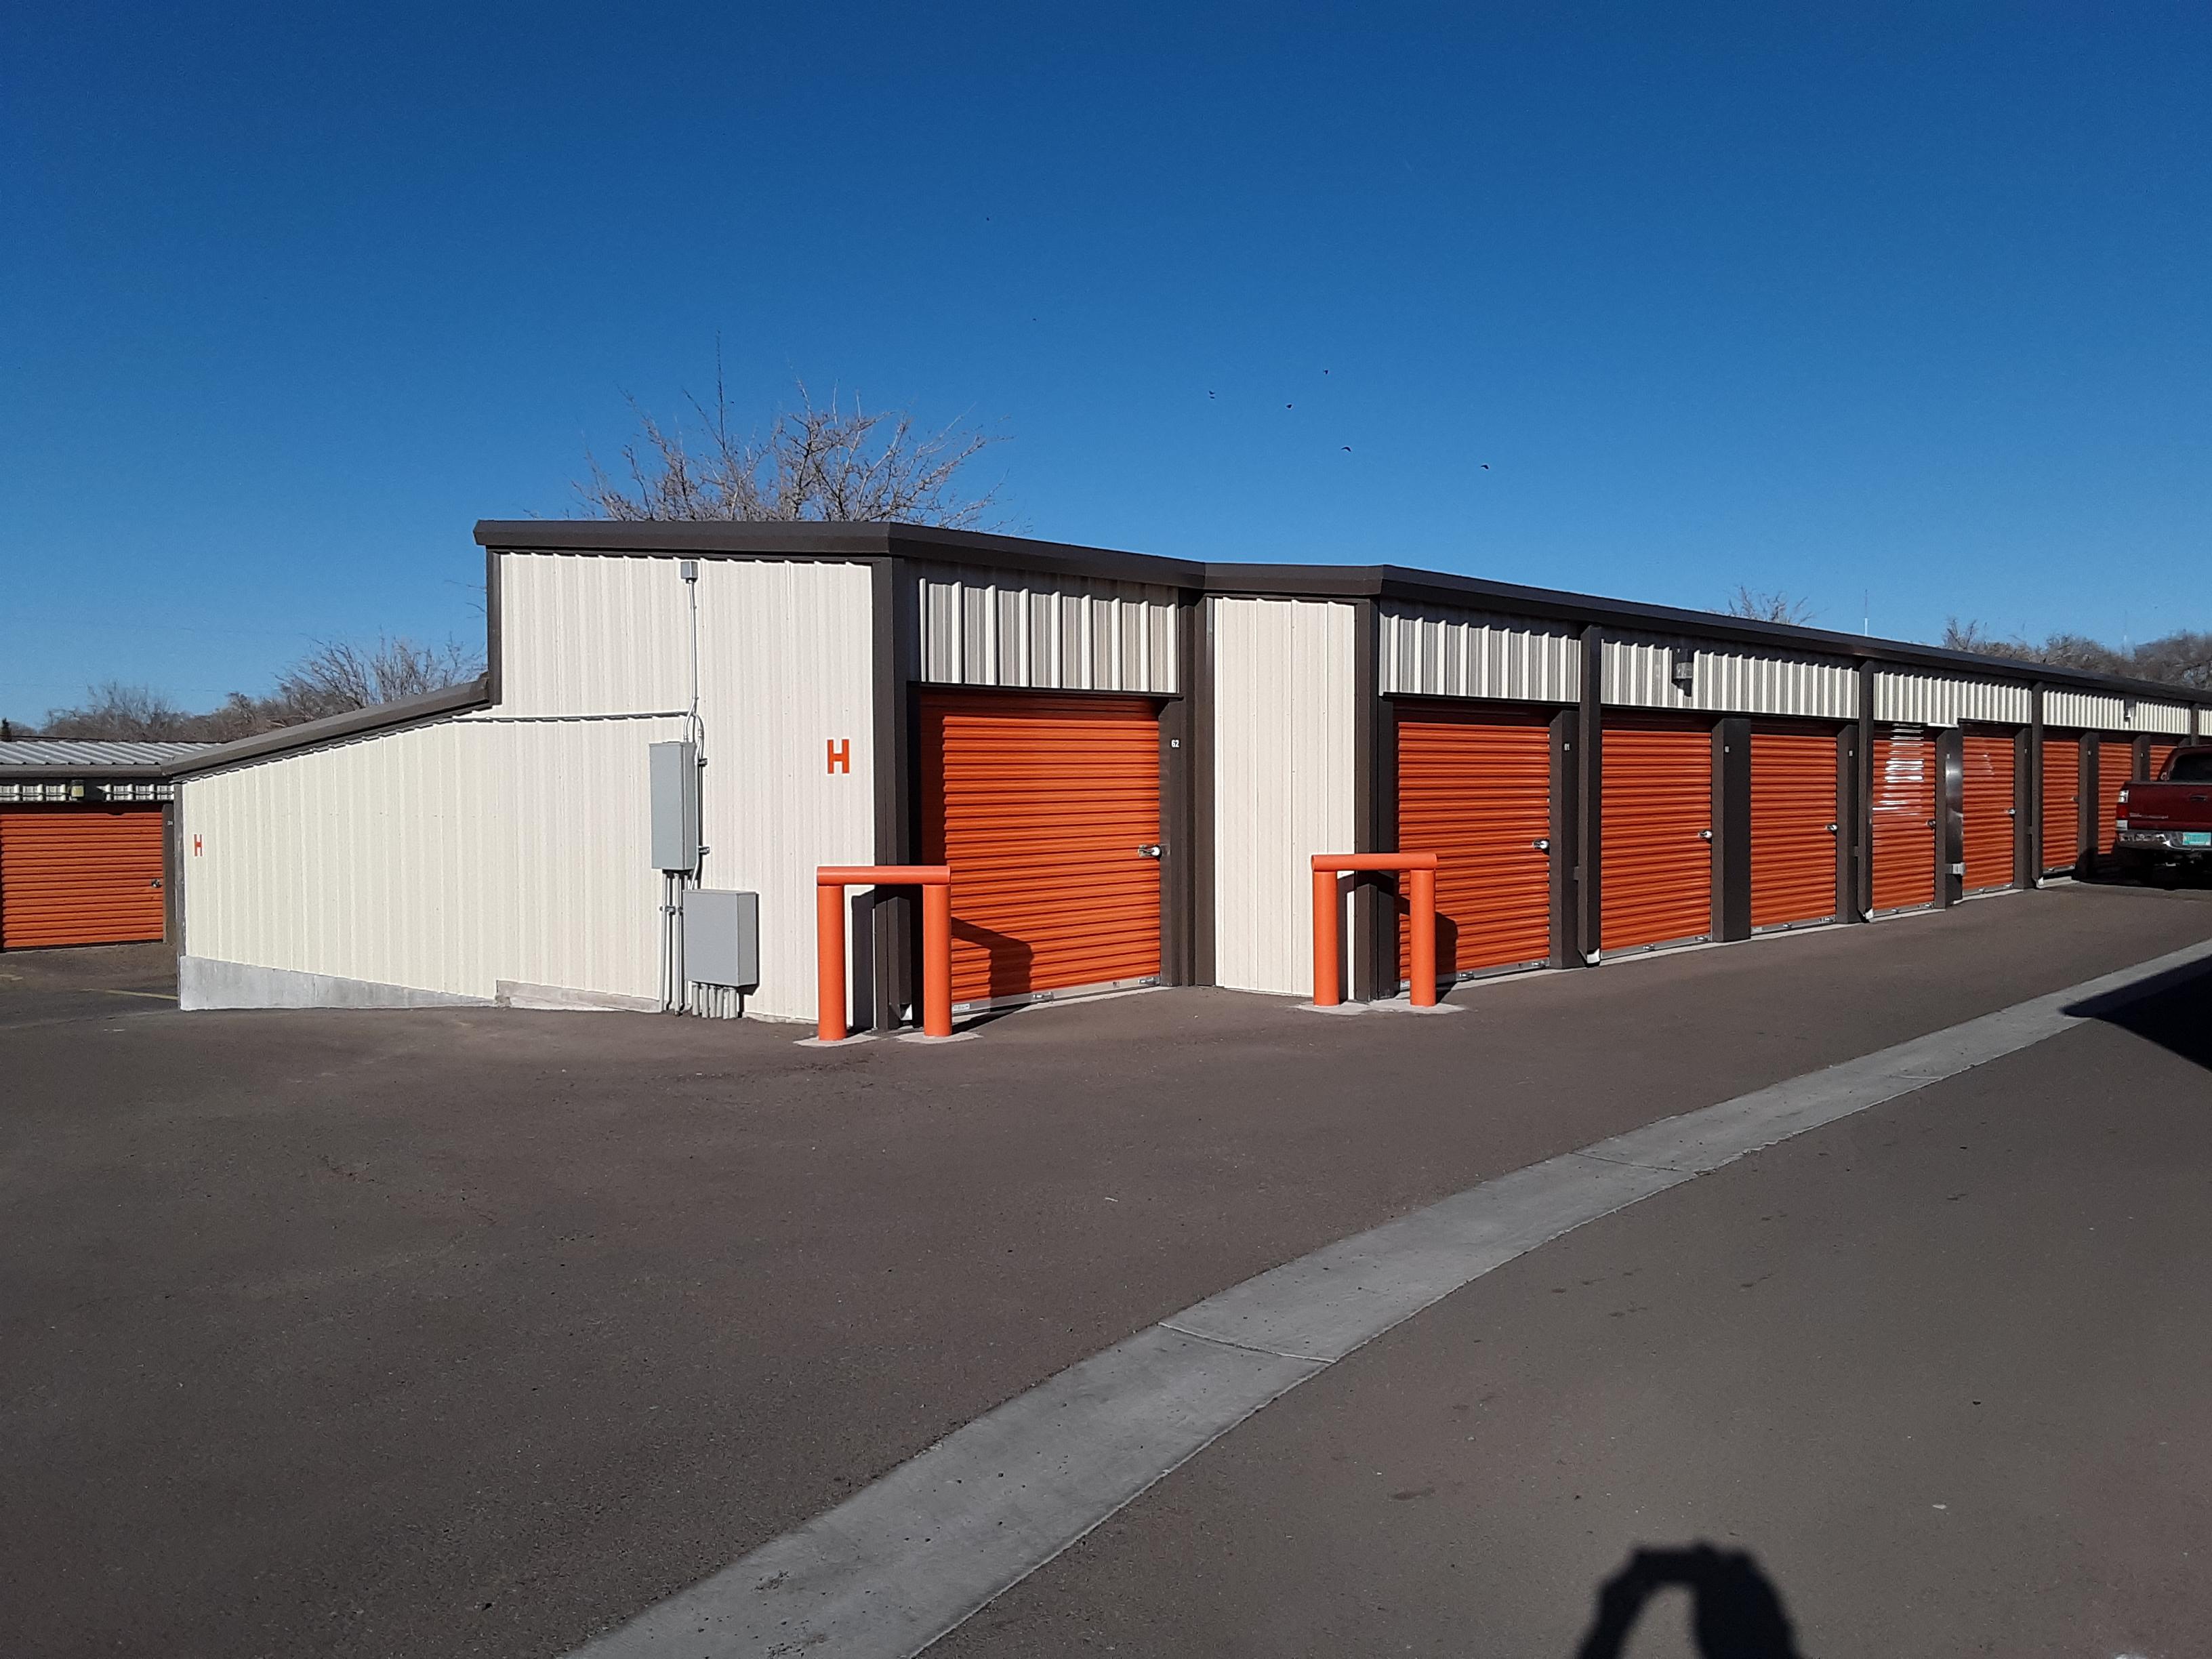 New Storage Units in Albuquerque, NM